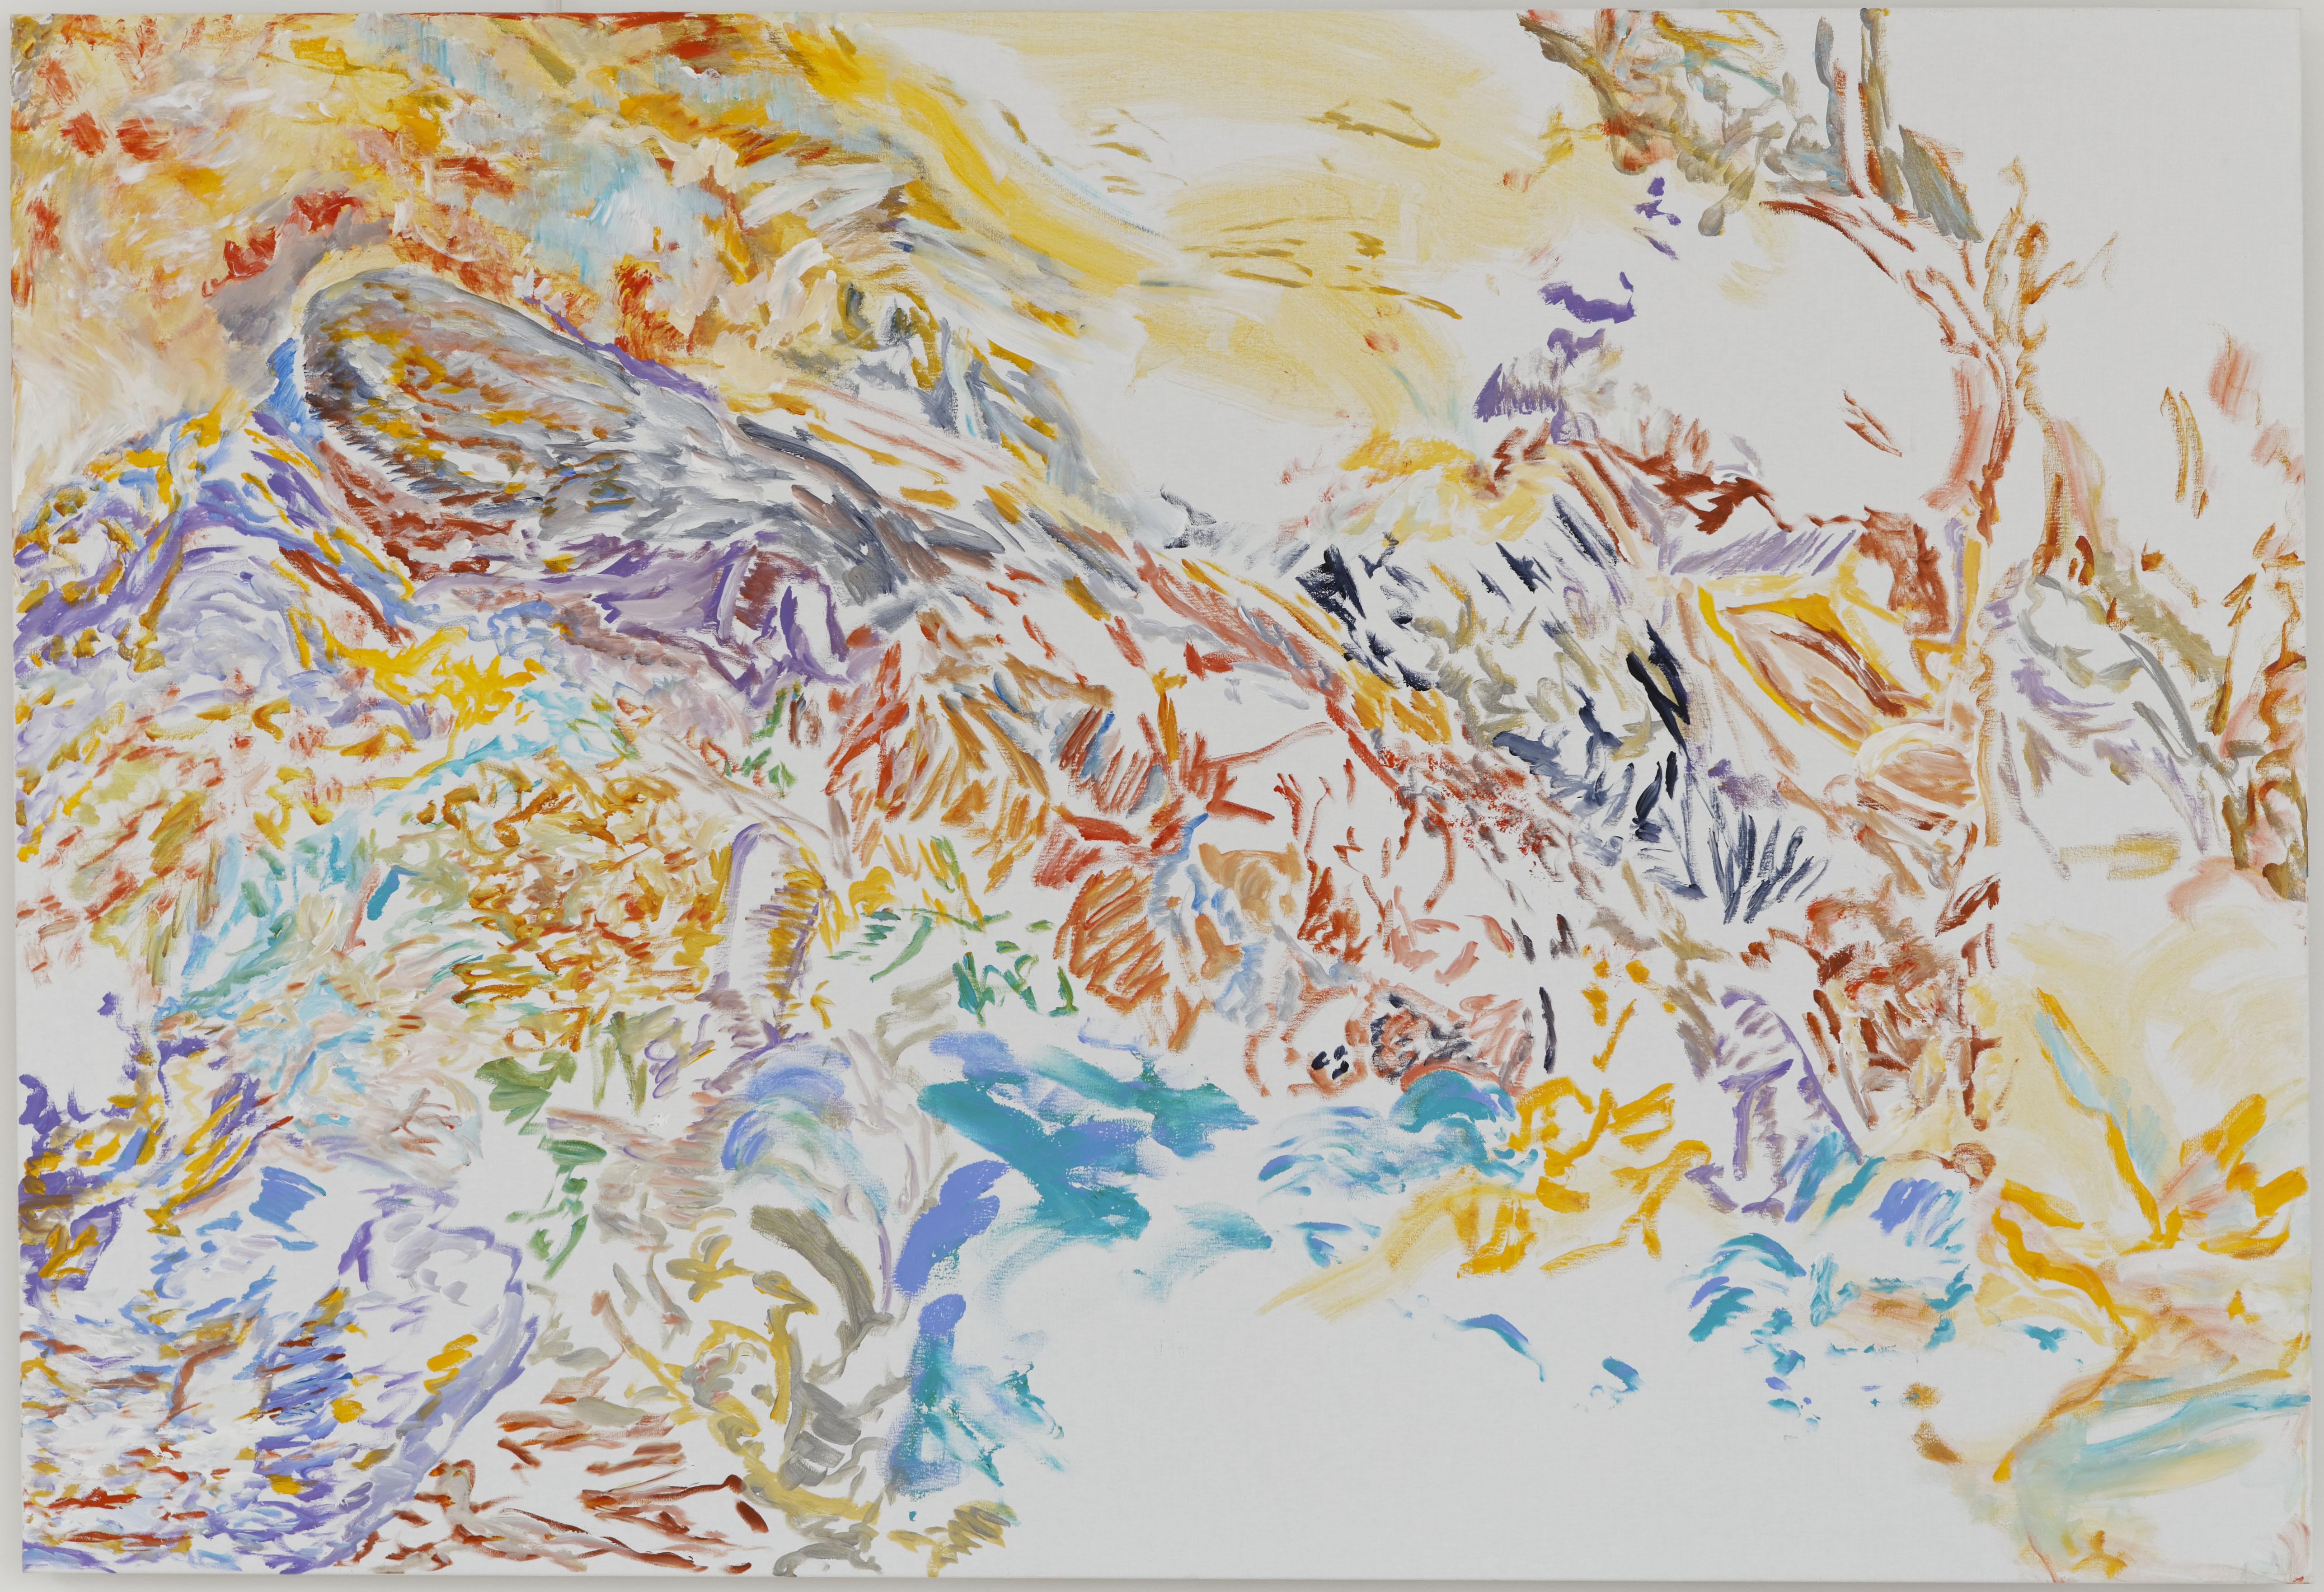 Au doigt et à l'oeil (acrylic on canvas, 130 x 190 cm - 2016)